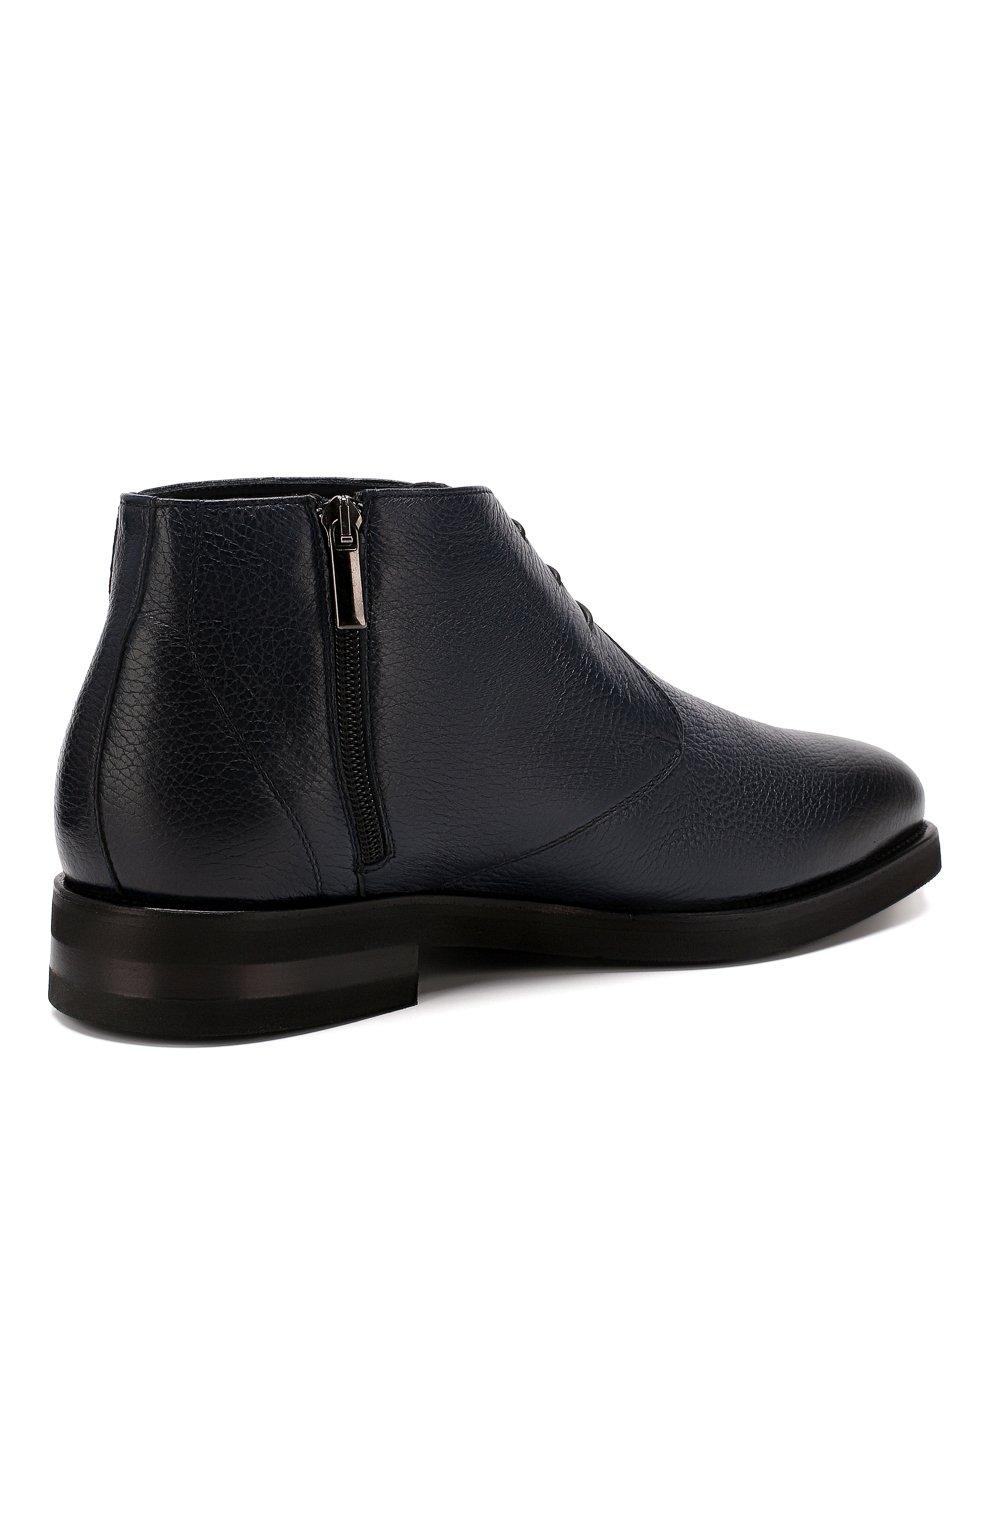 Мужские кожаные ботинки ANDREA CAMPAGNA темно-синего цвета, арт. 373019.91.151 | Фото 4